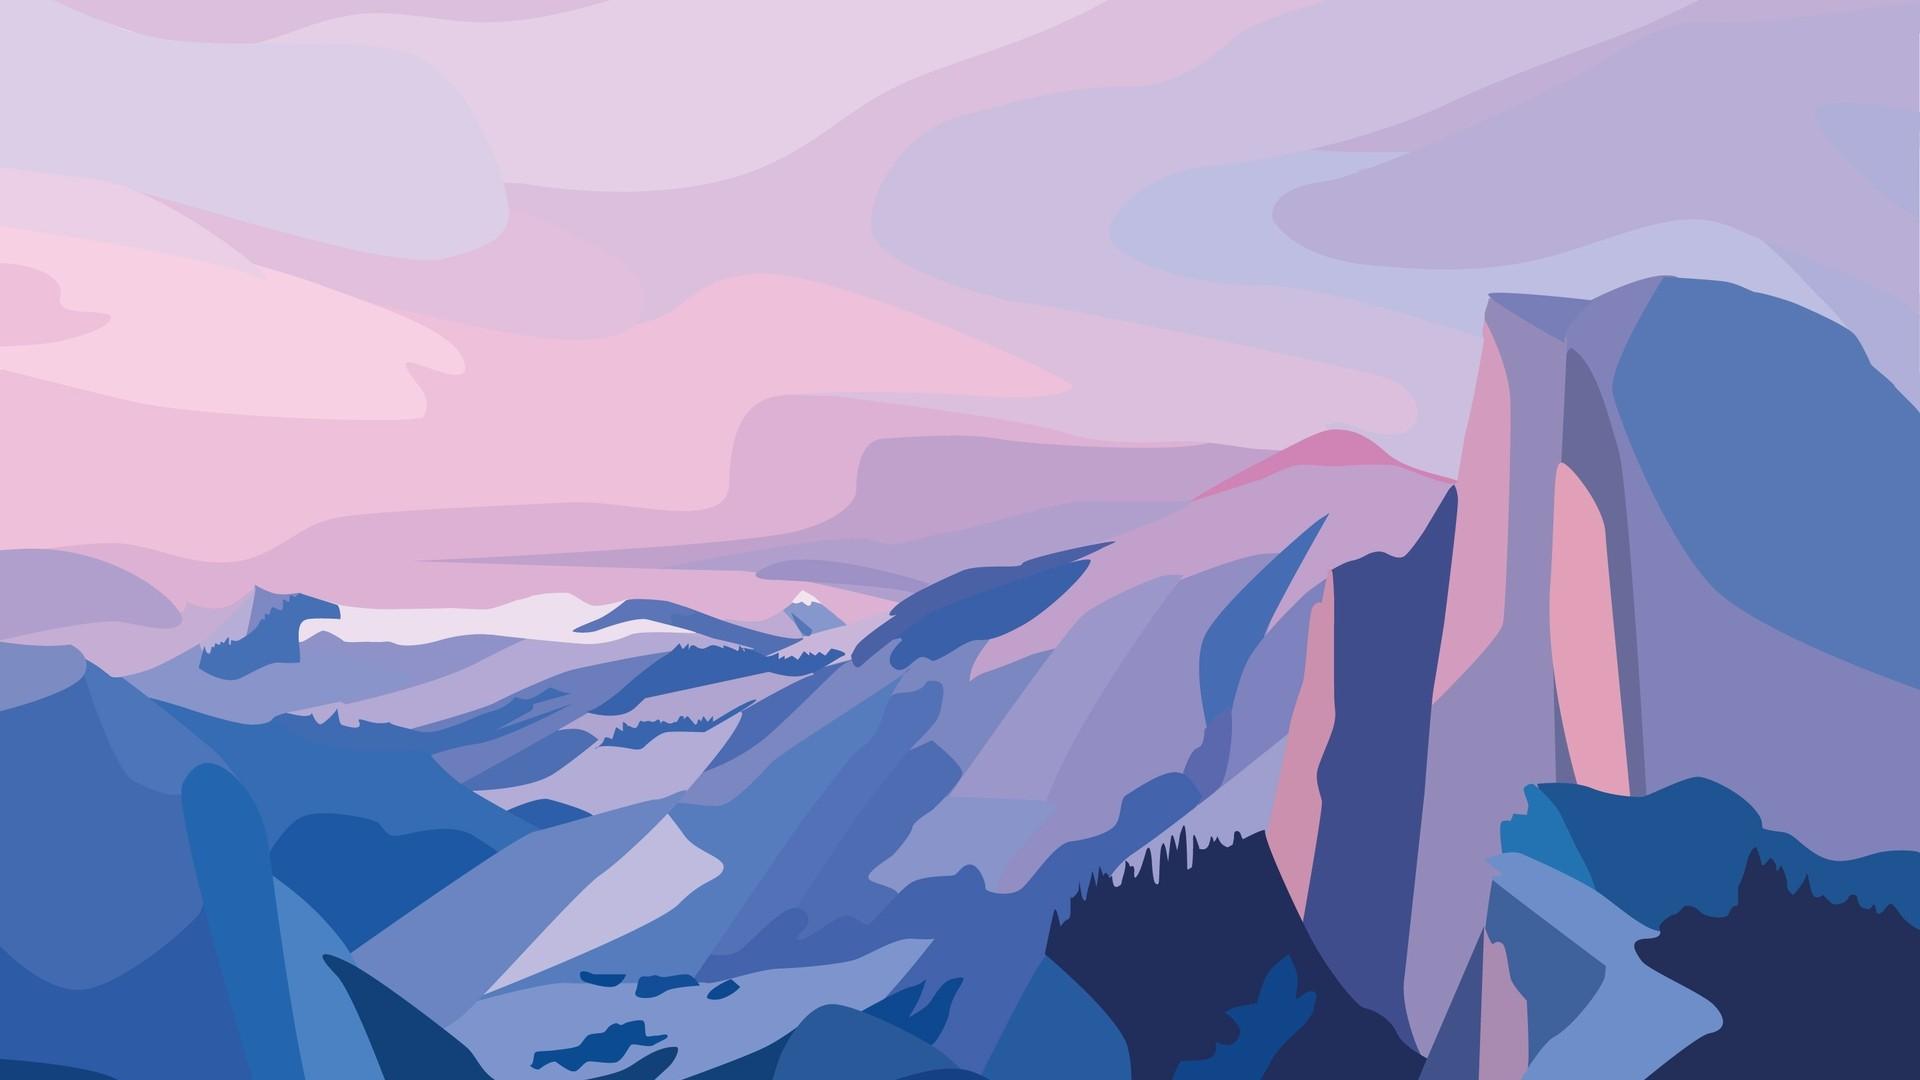 Nature Minimalist Style HD Wallpaper